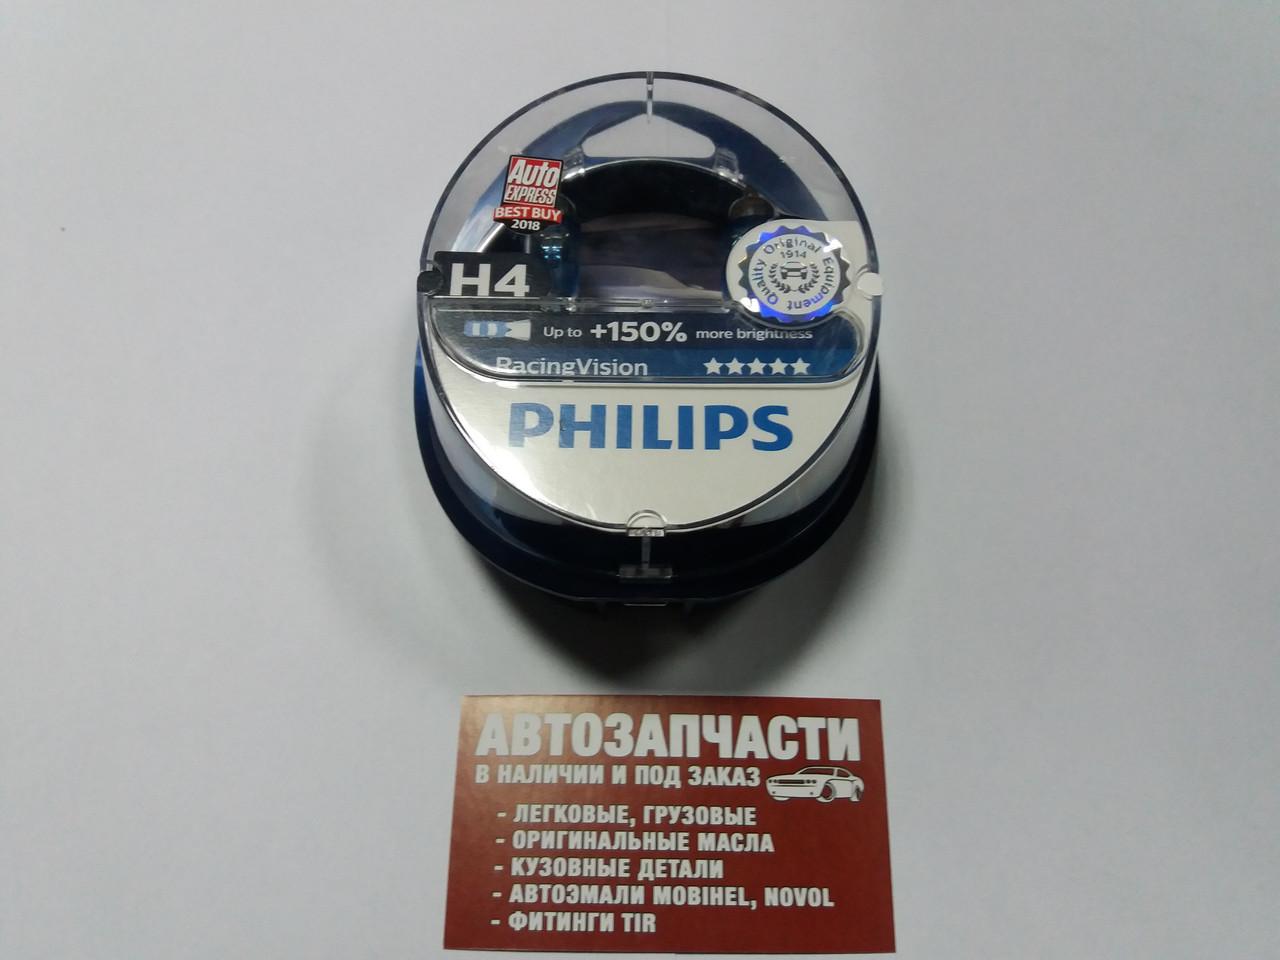 Лампа галогенная Philips Racing Vision H4 12V 55/60W +150% к-т